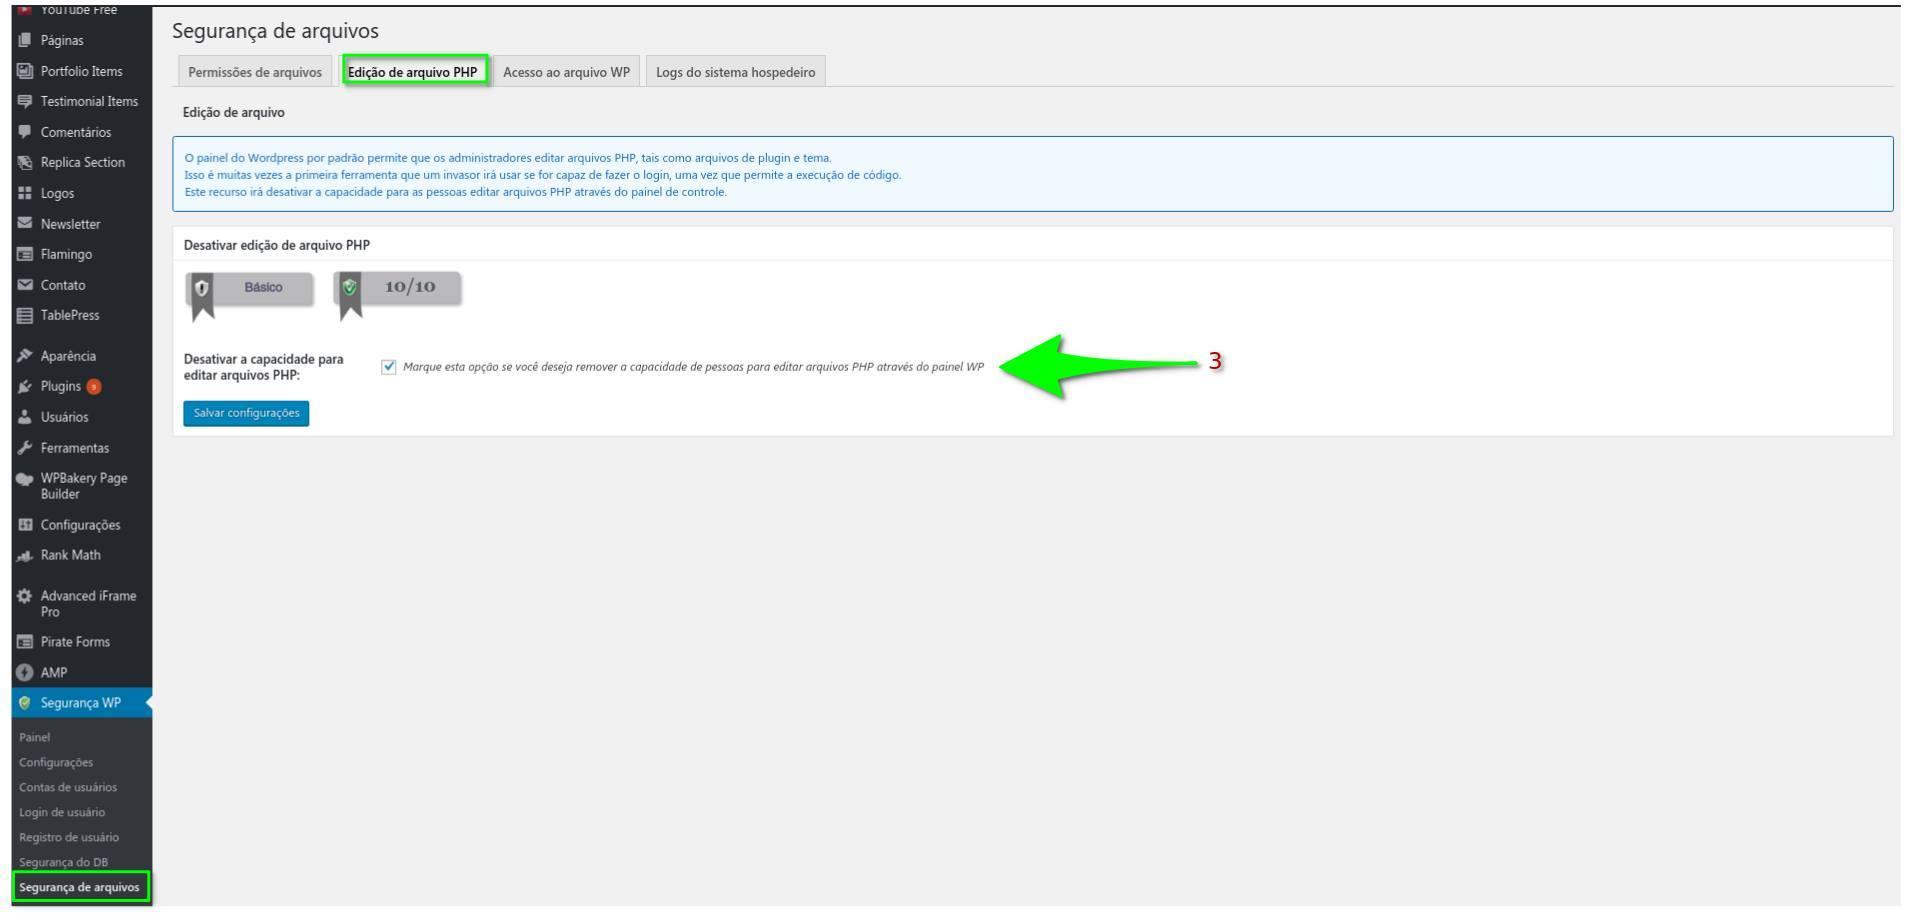 Edição de arquivo PHP - All in One WP Security